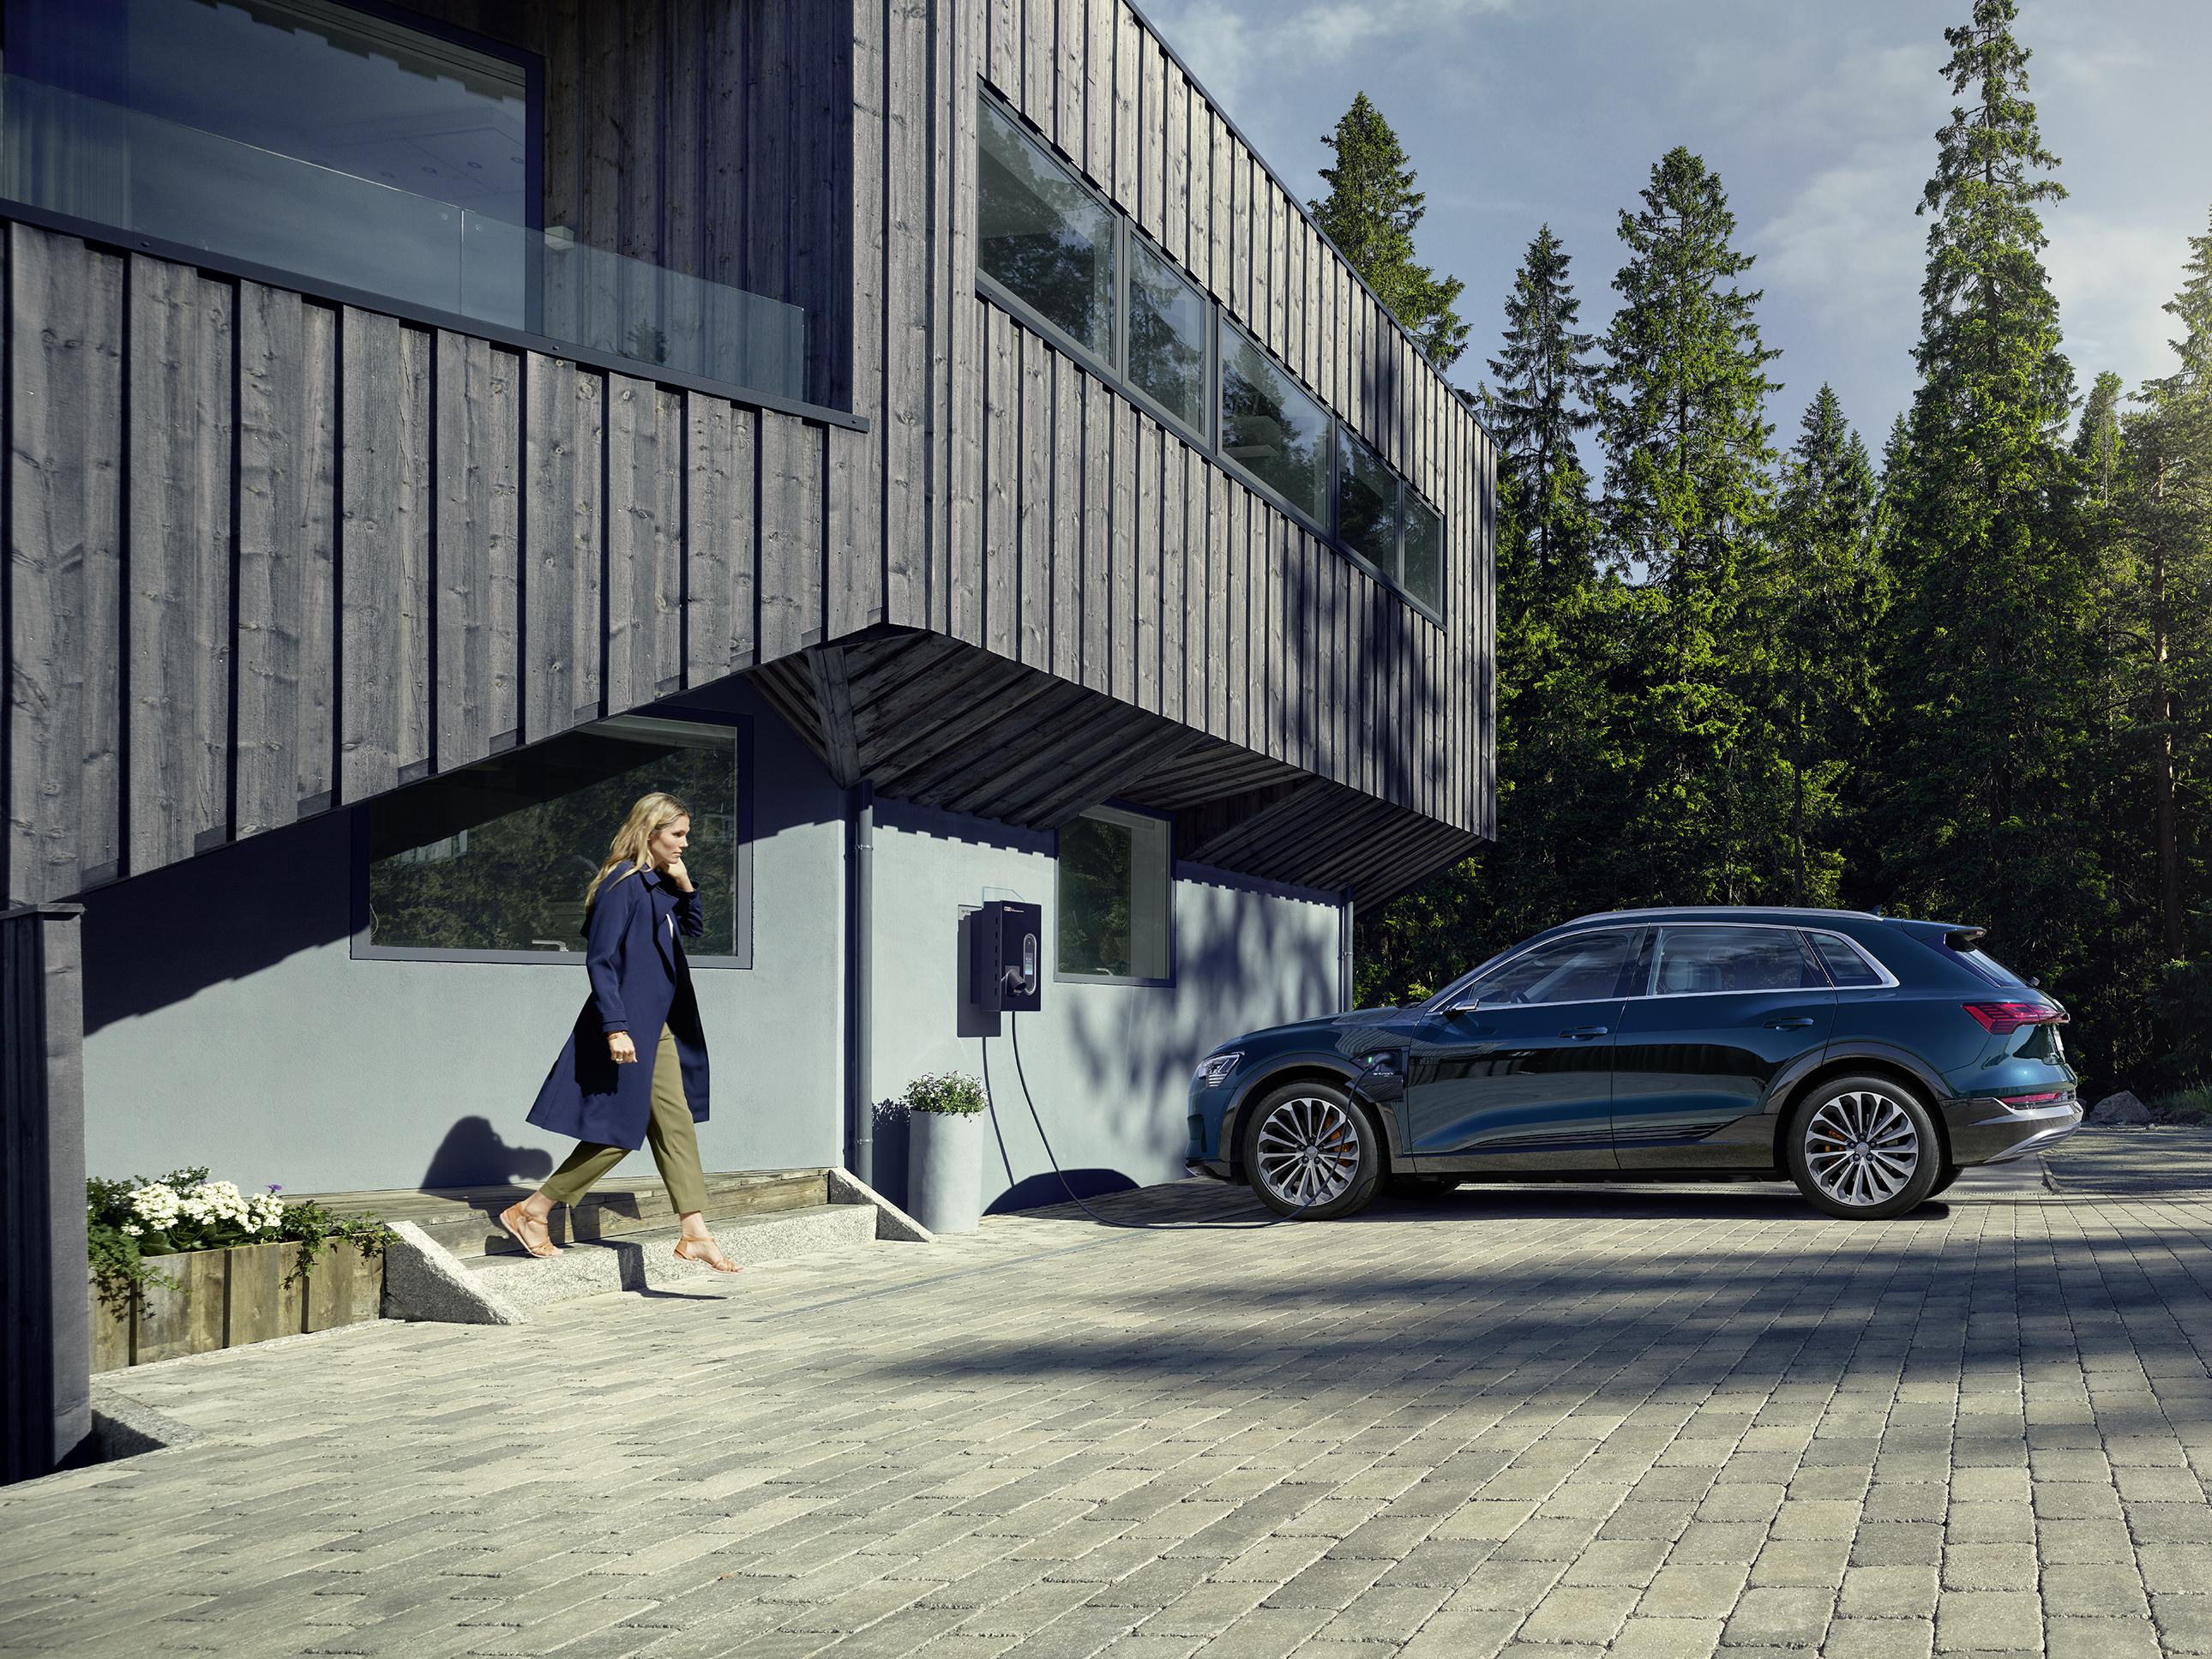 Audi e-tron pred hišo, iz katere izstopa ženska. V ozadju zelena drevesa.